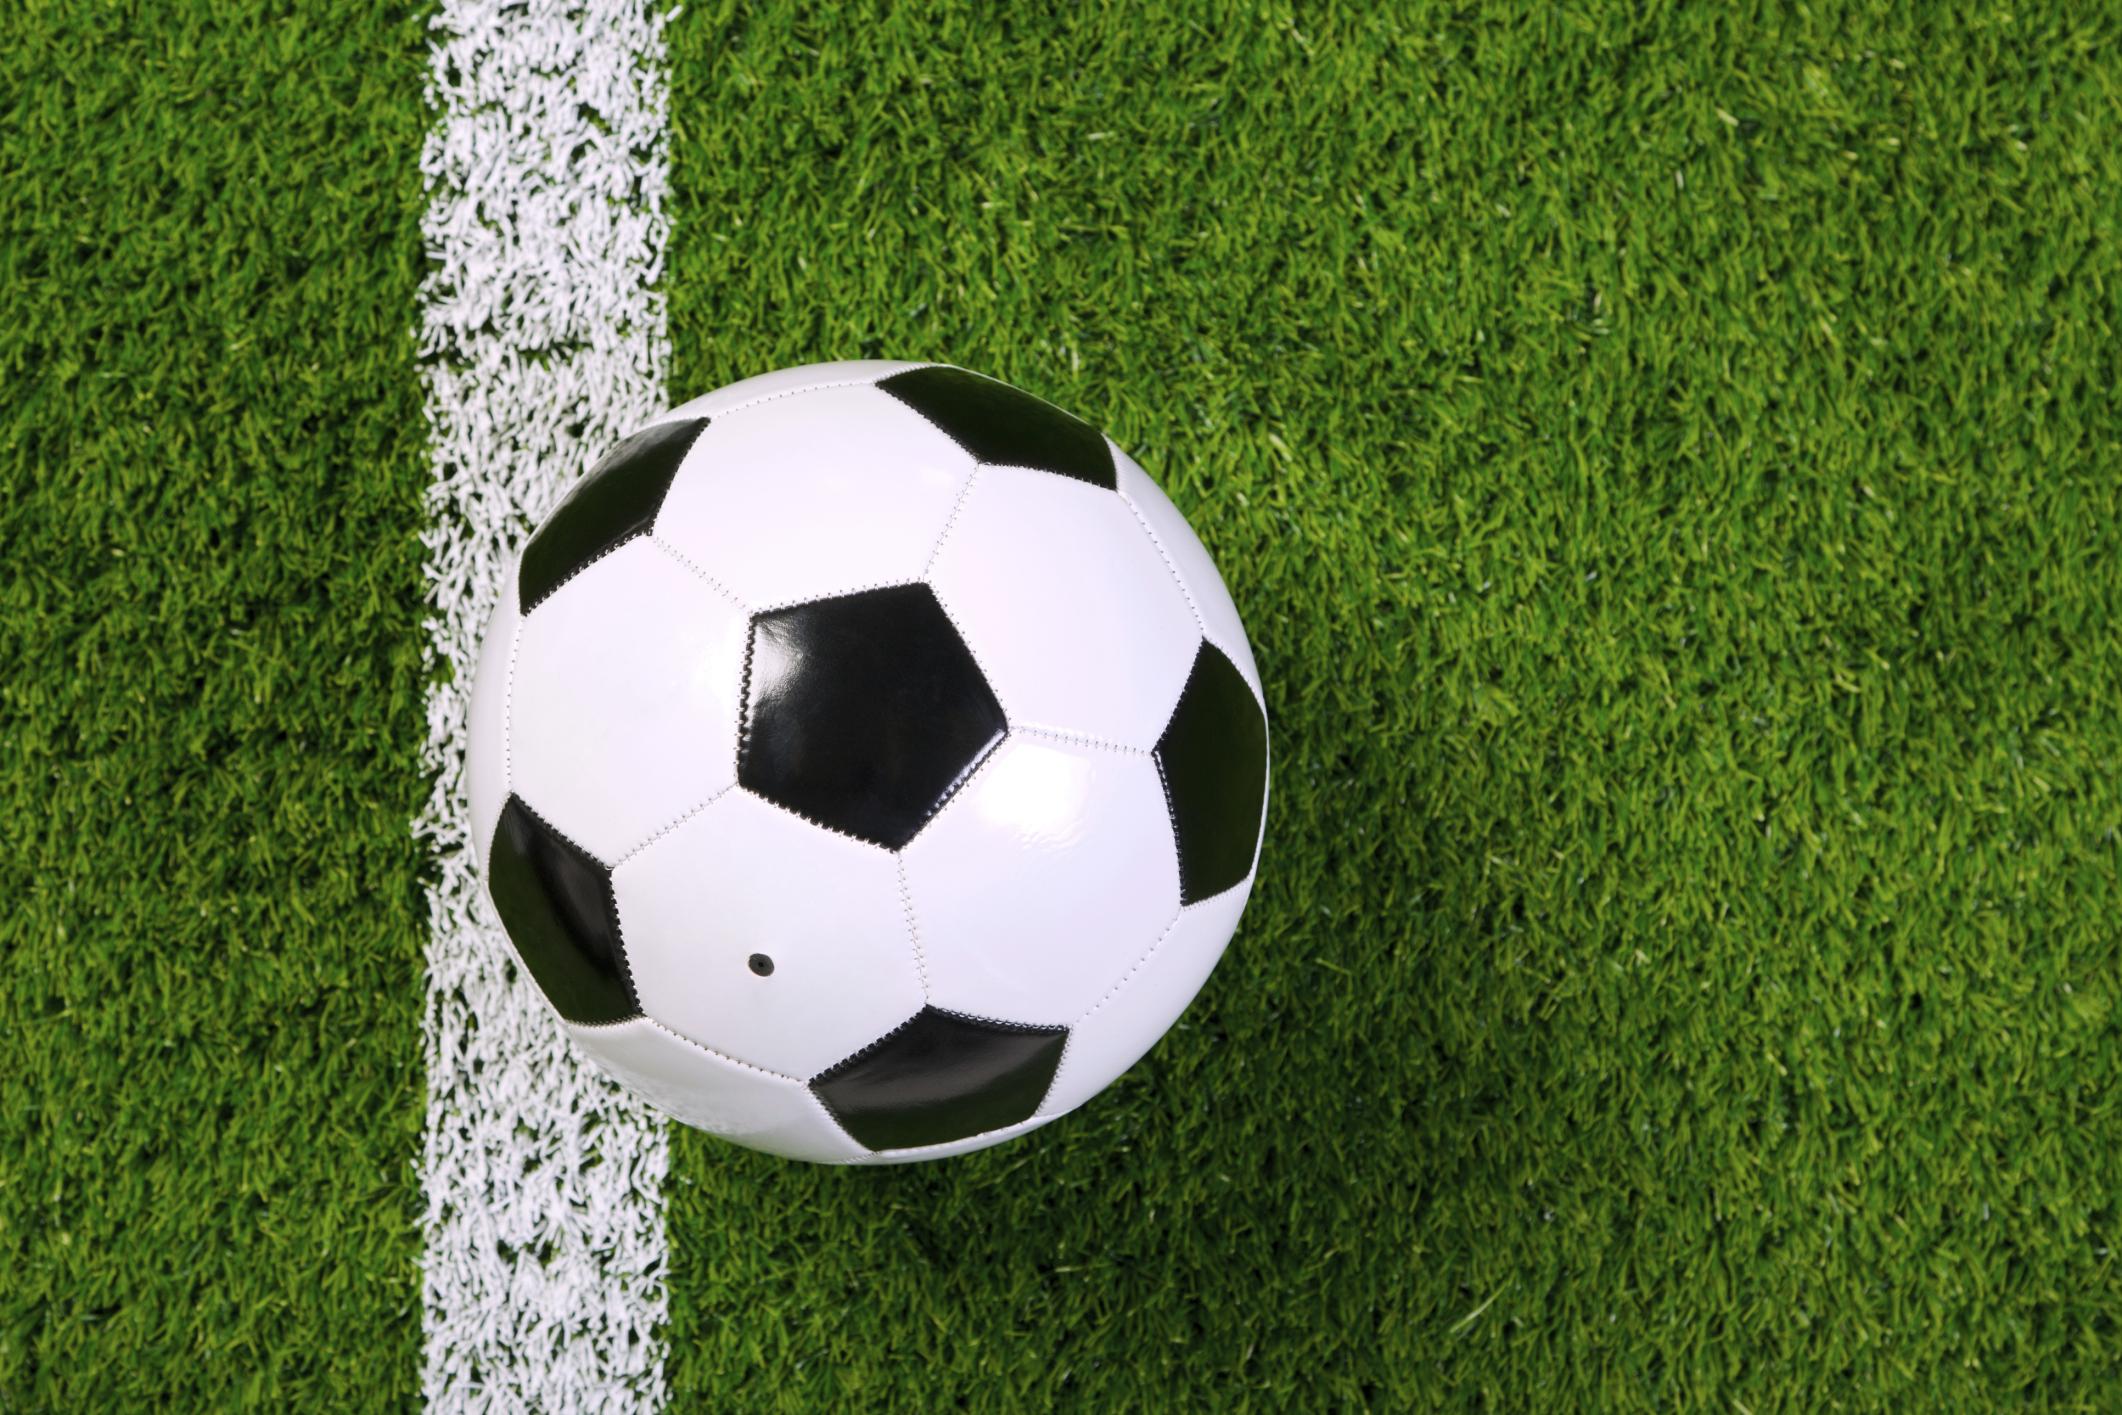 Fußball auf Torlinie